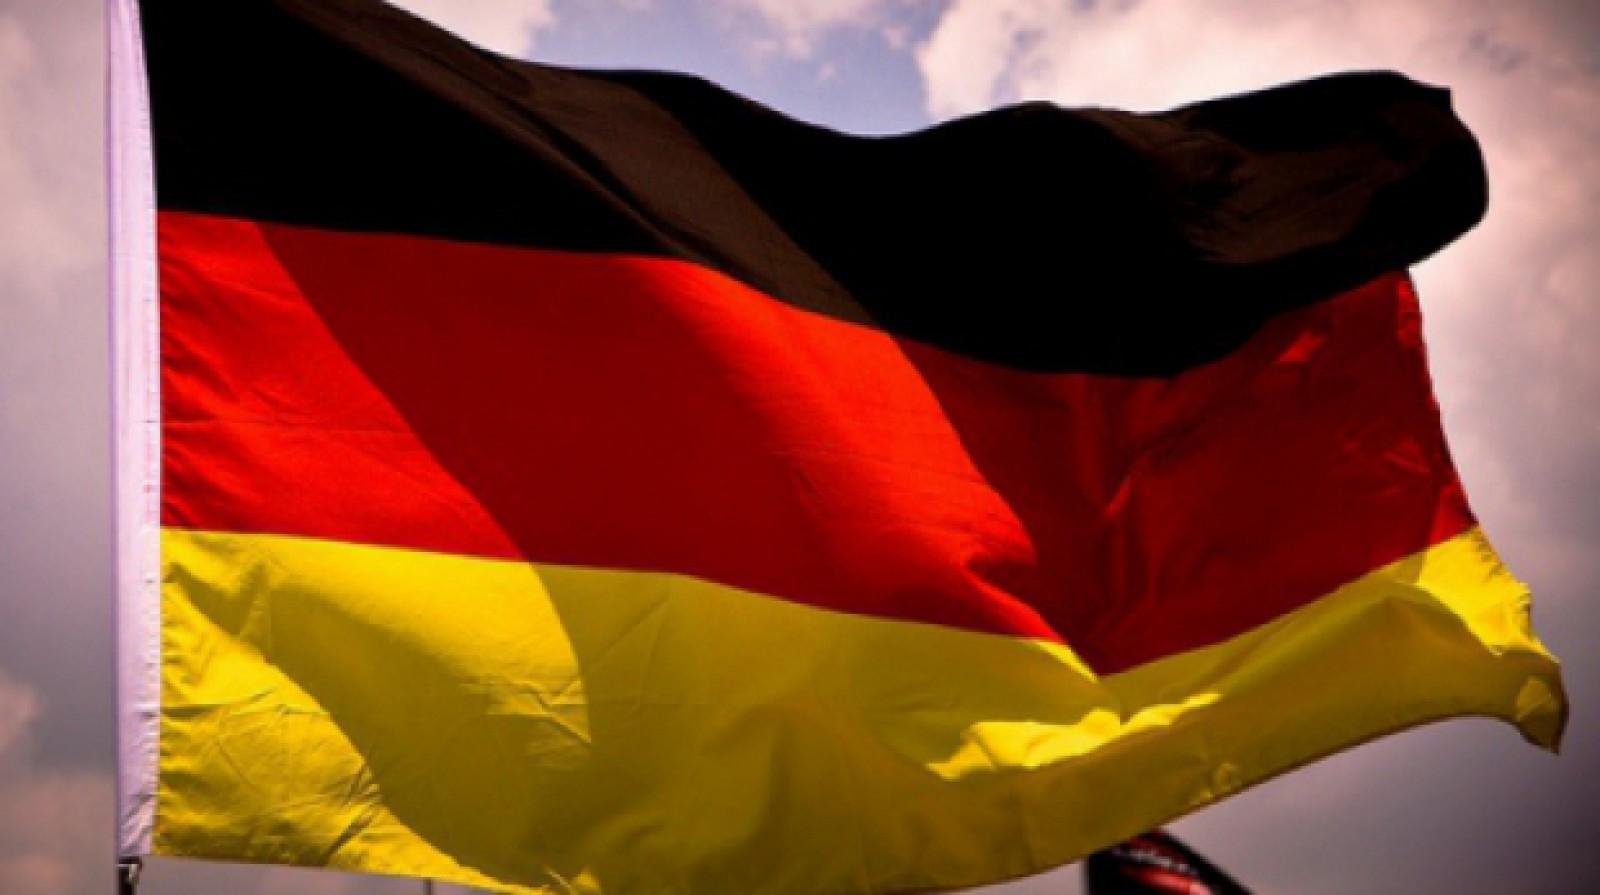 Germania: Abordarea mai aspră a cancelarului Merkel faţă de Rusia provoacă rezistenţă în clasa politică